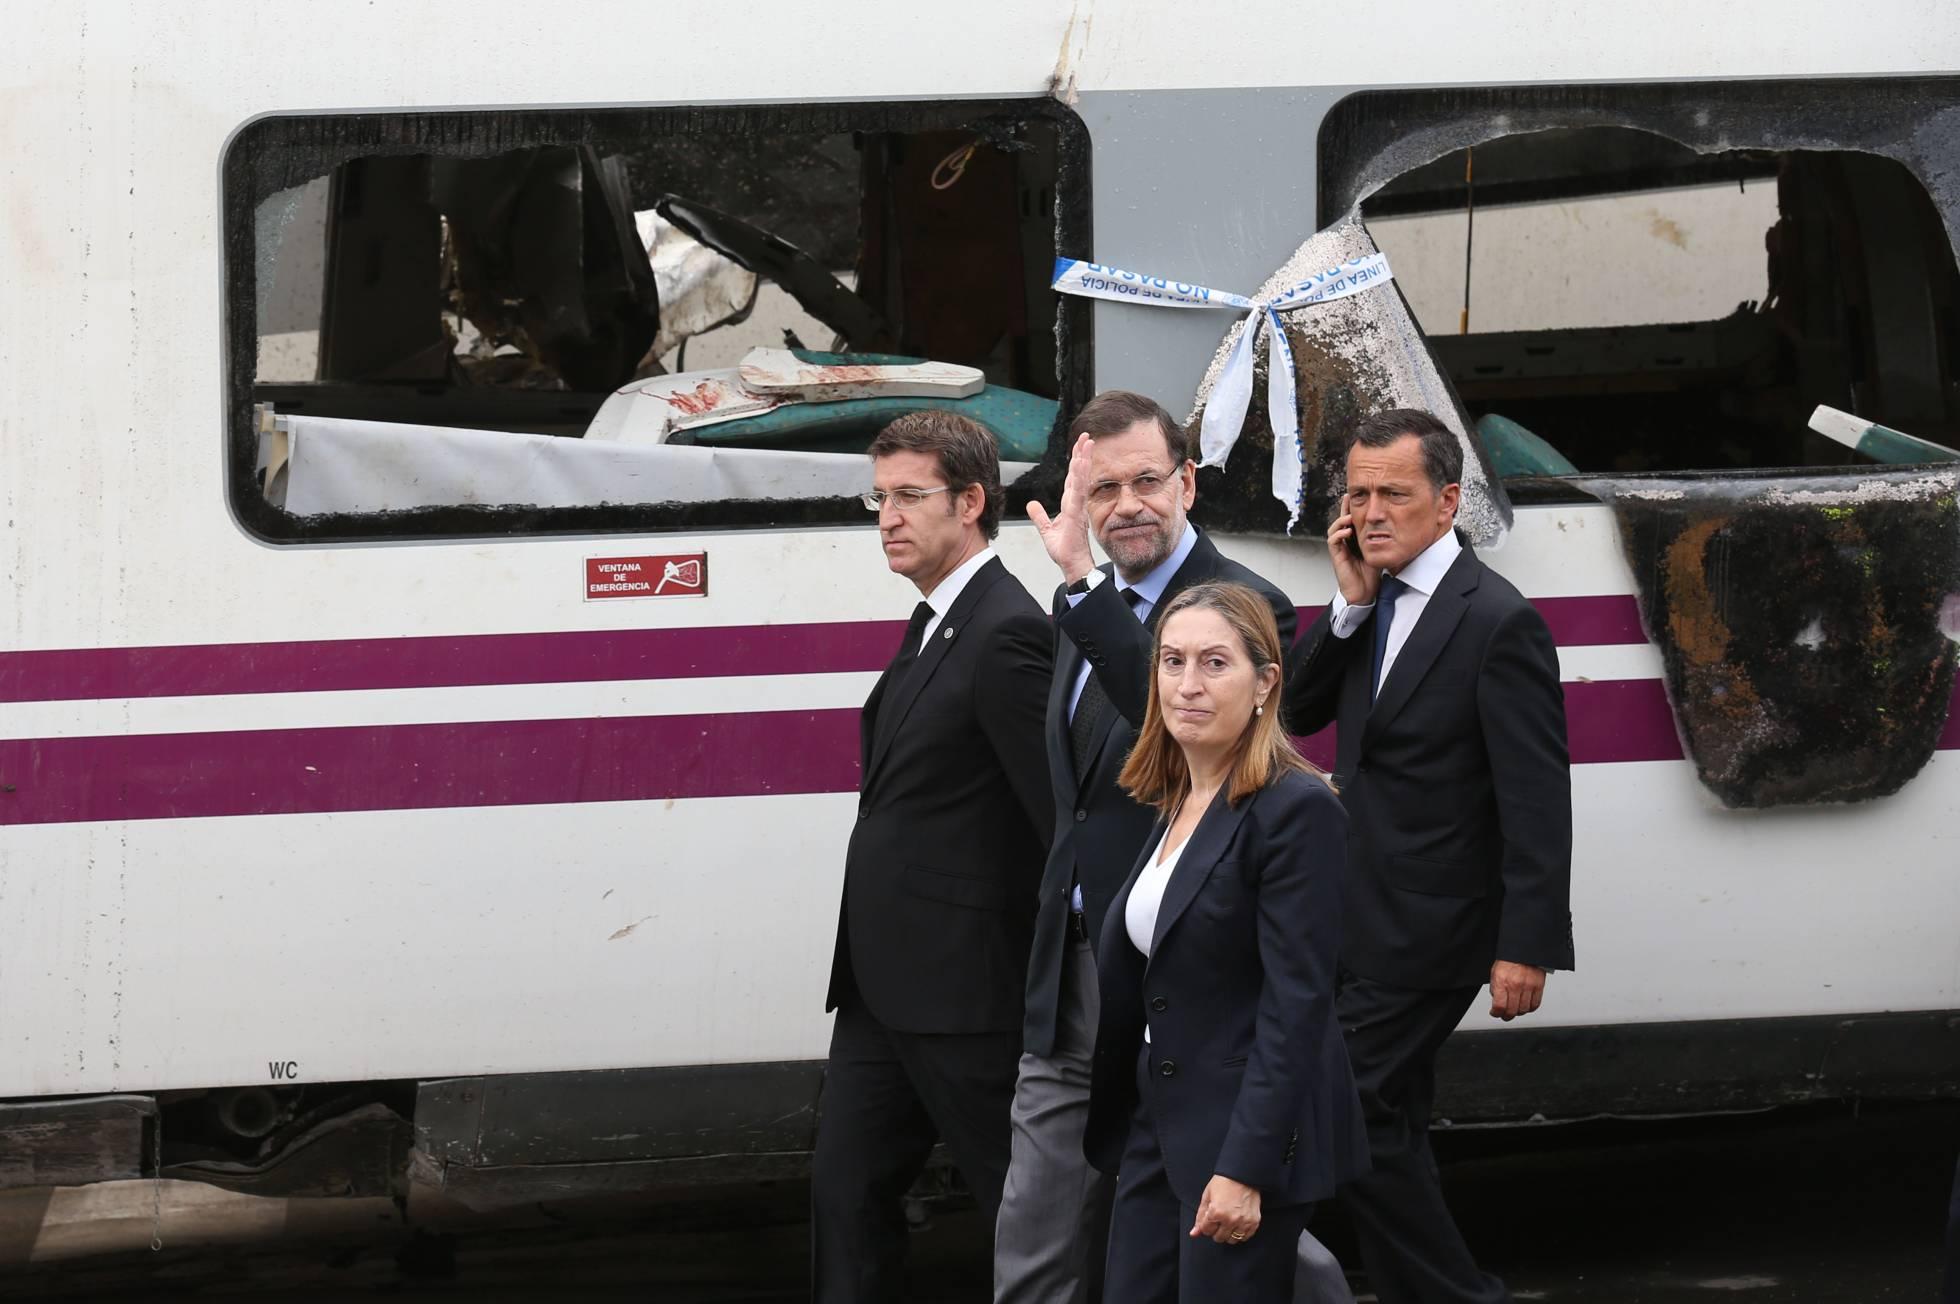 Transportes: Ferrocarril en España, alta velocidad, convencional. - Página 6 1487673280_246649_1487673446_noticia_normal_recorte1